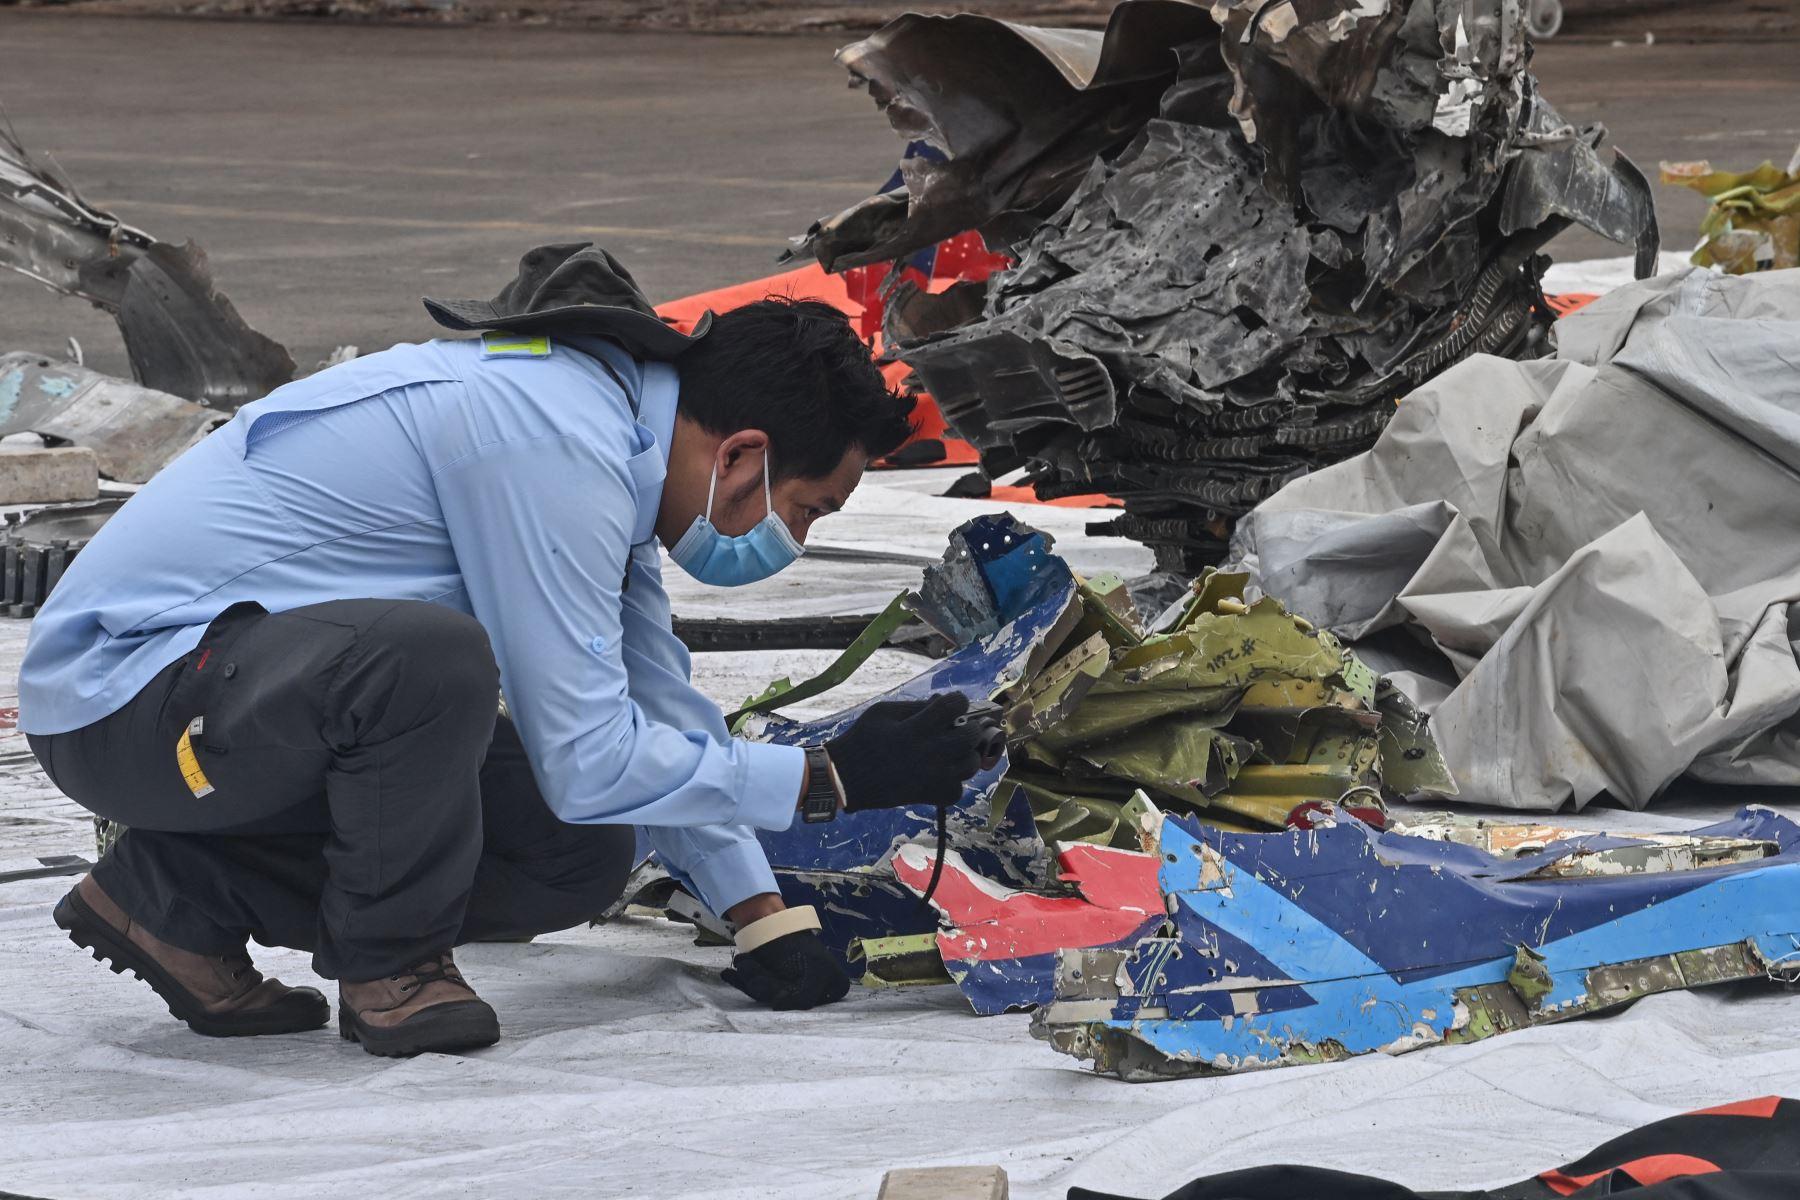 Un miembro del Comité Nacional de Seguridad del Transporte (KNKT) inspecciona los restos del vuelo SJ182 de Sriwijaya Air en el puerto de Tanjung Priok. Foto: AFP